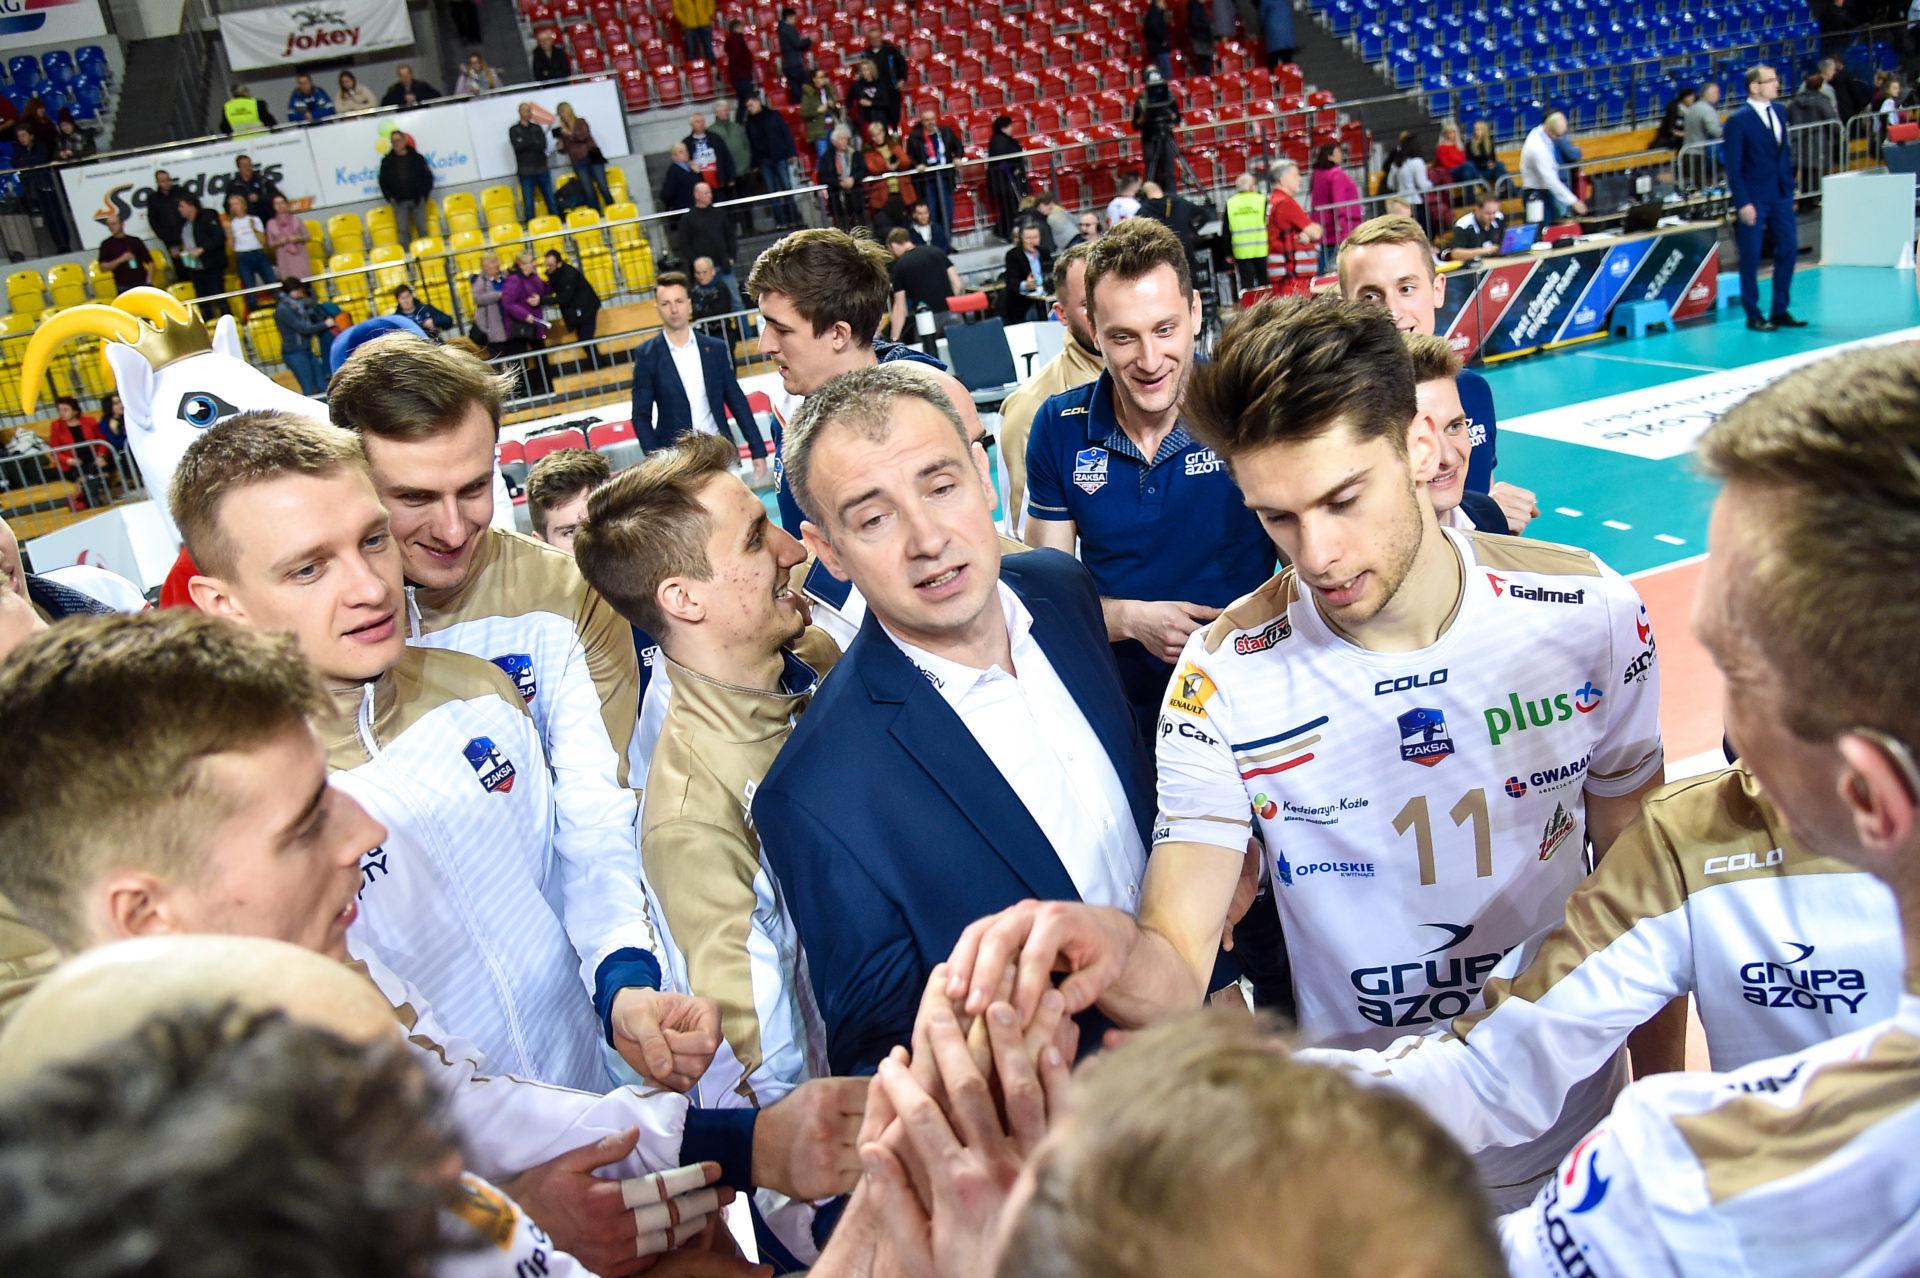 Grupa Azoty ZAKSA Kędzierzyn-Koźle vs BKS Visła Bydgoszcz – fotogaleria